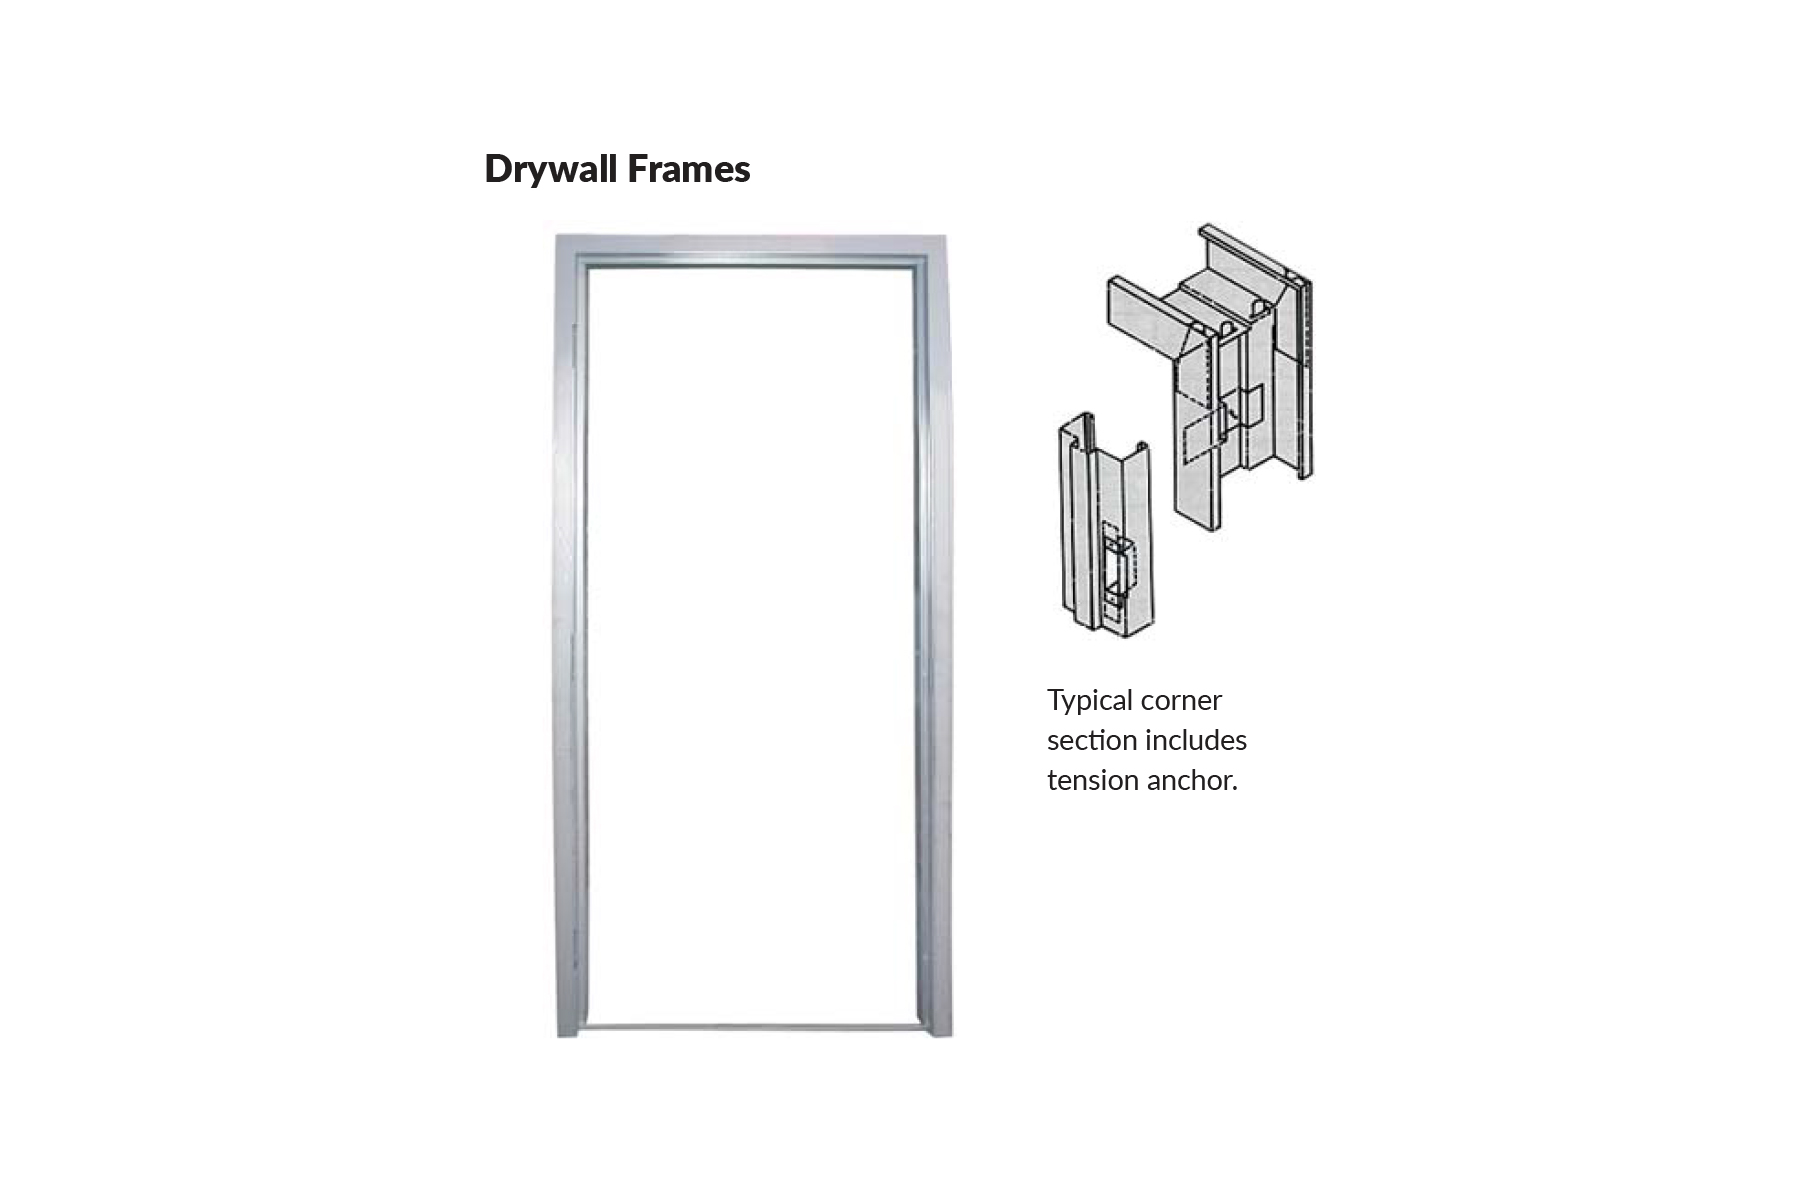 Baron Metal Drywall Frame